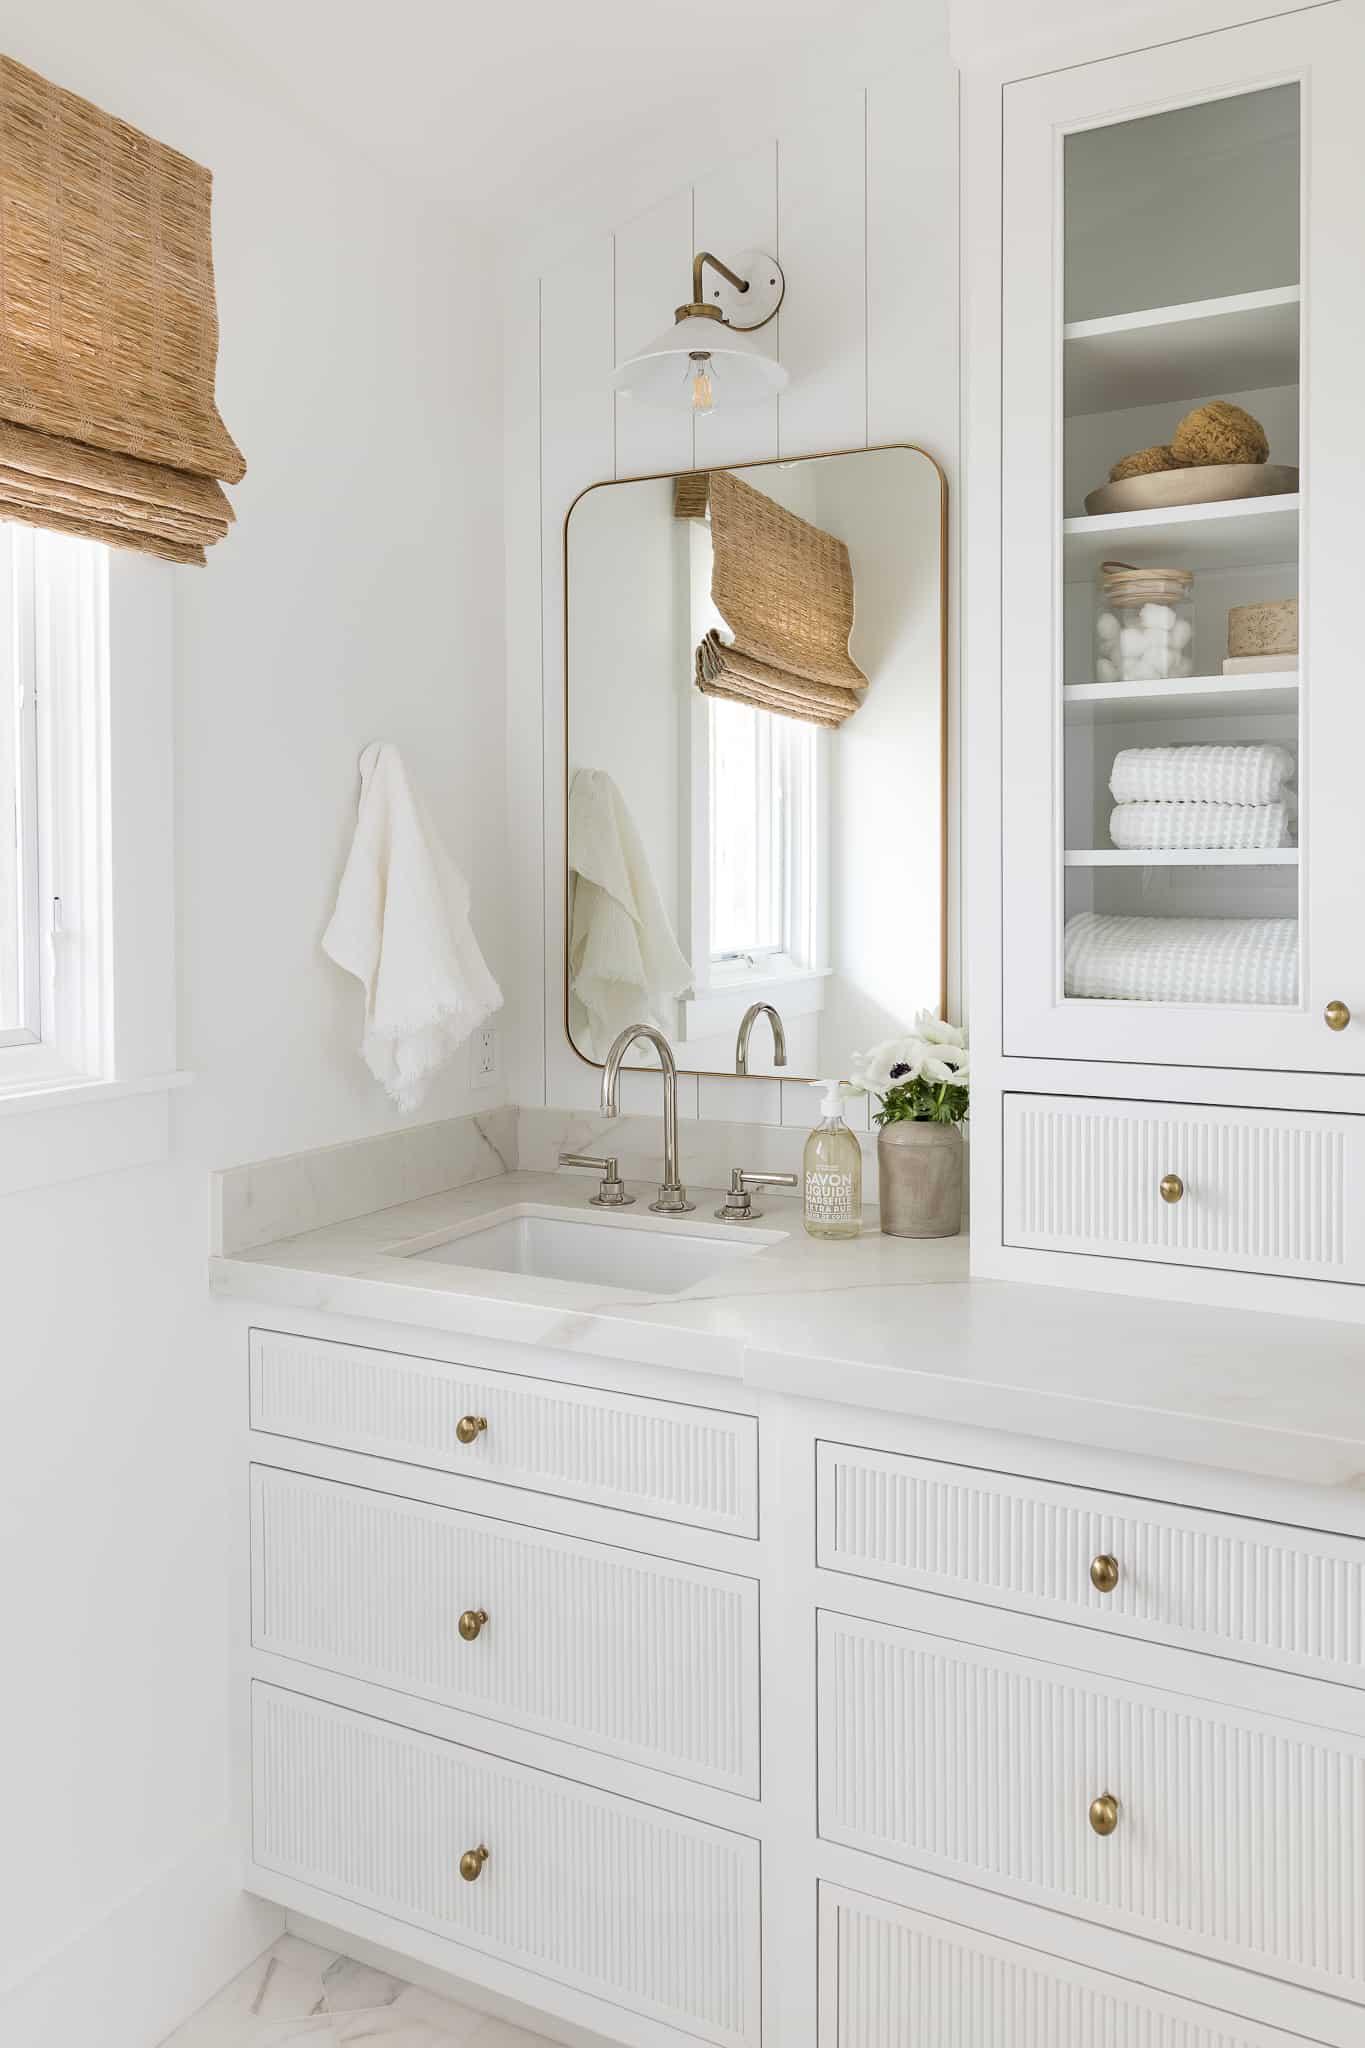 Bathroom Remodel: Splurge vs. Save - Mindy Gayer Design Co.